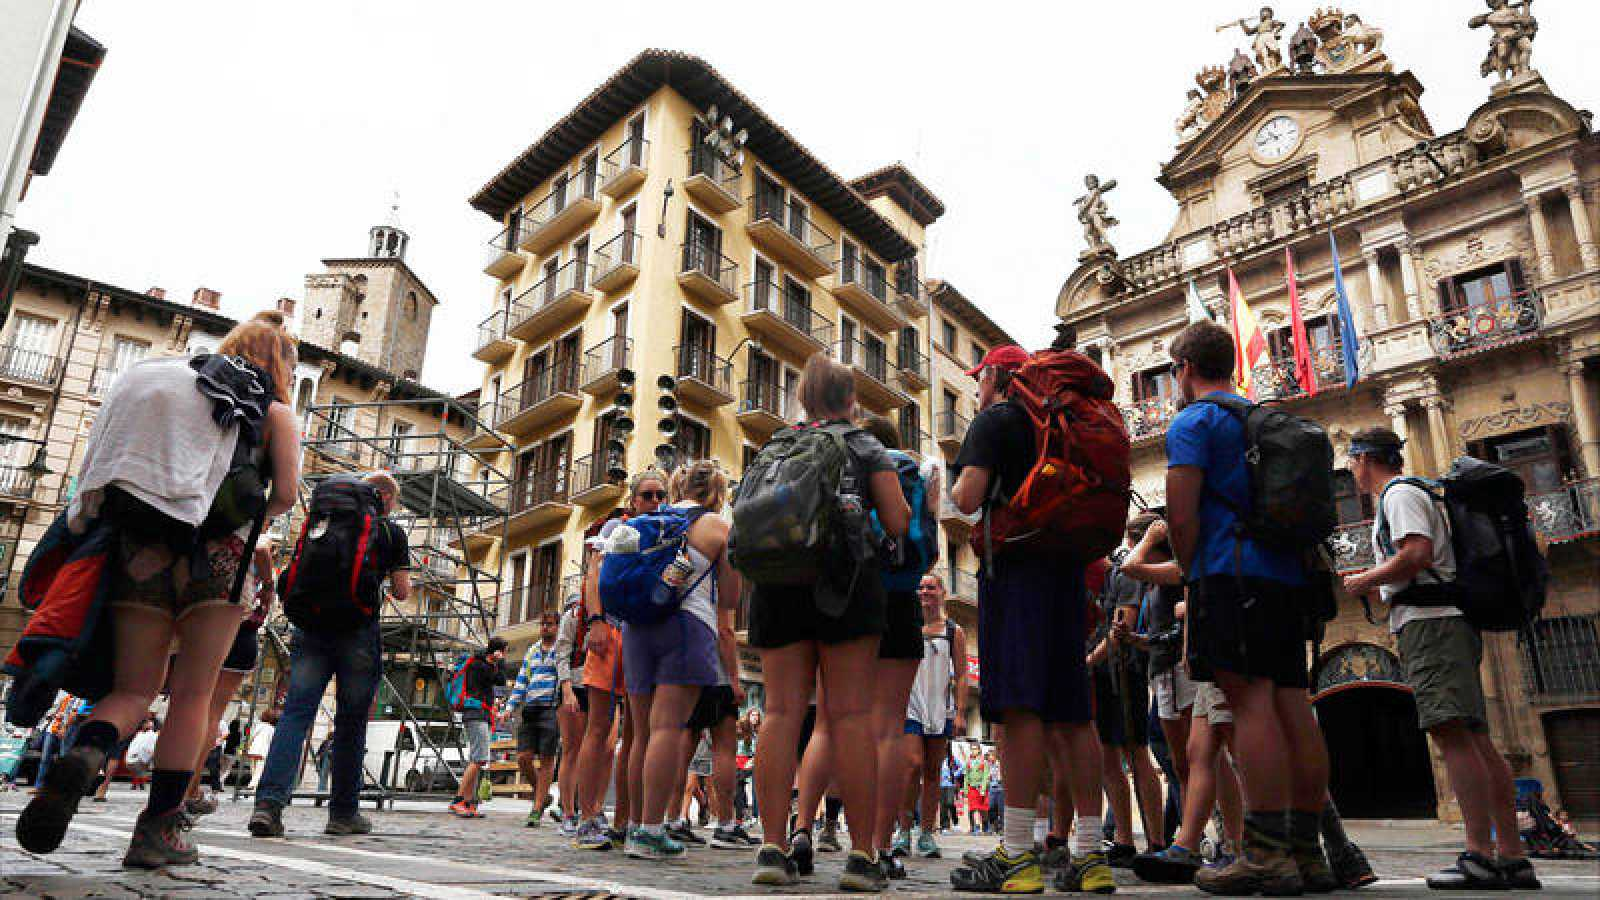 Turistas llegados a Pamplona el pasado mes de julio para disfrutar de los Sanfermines